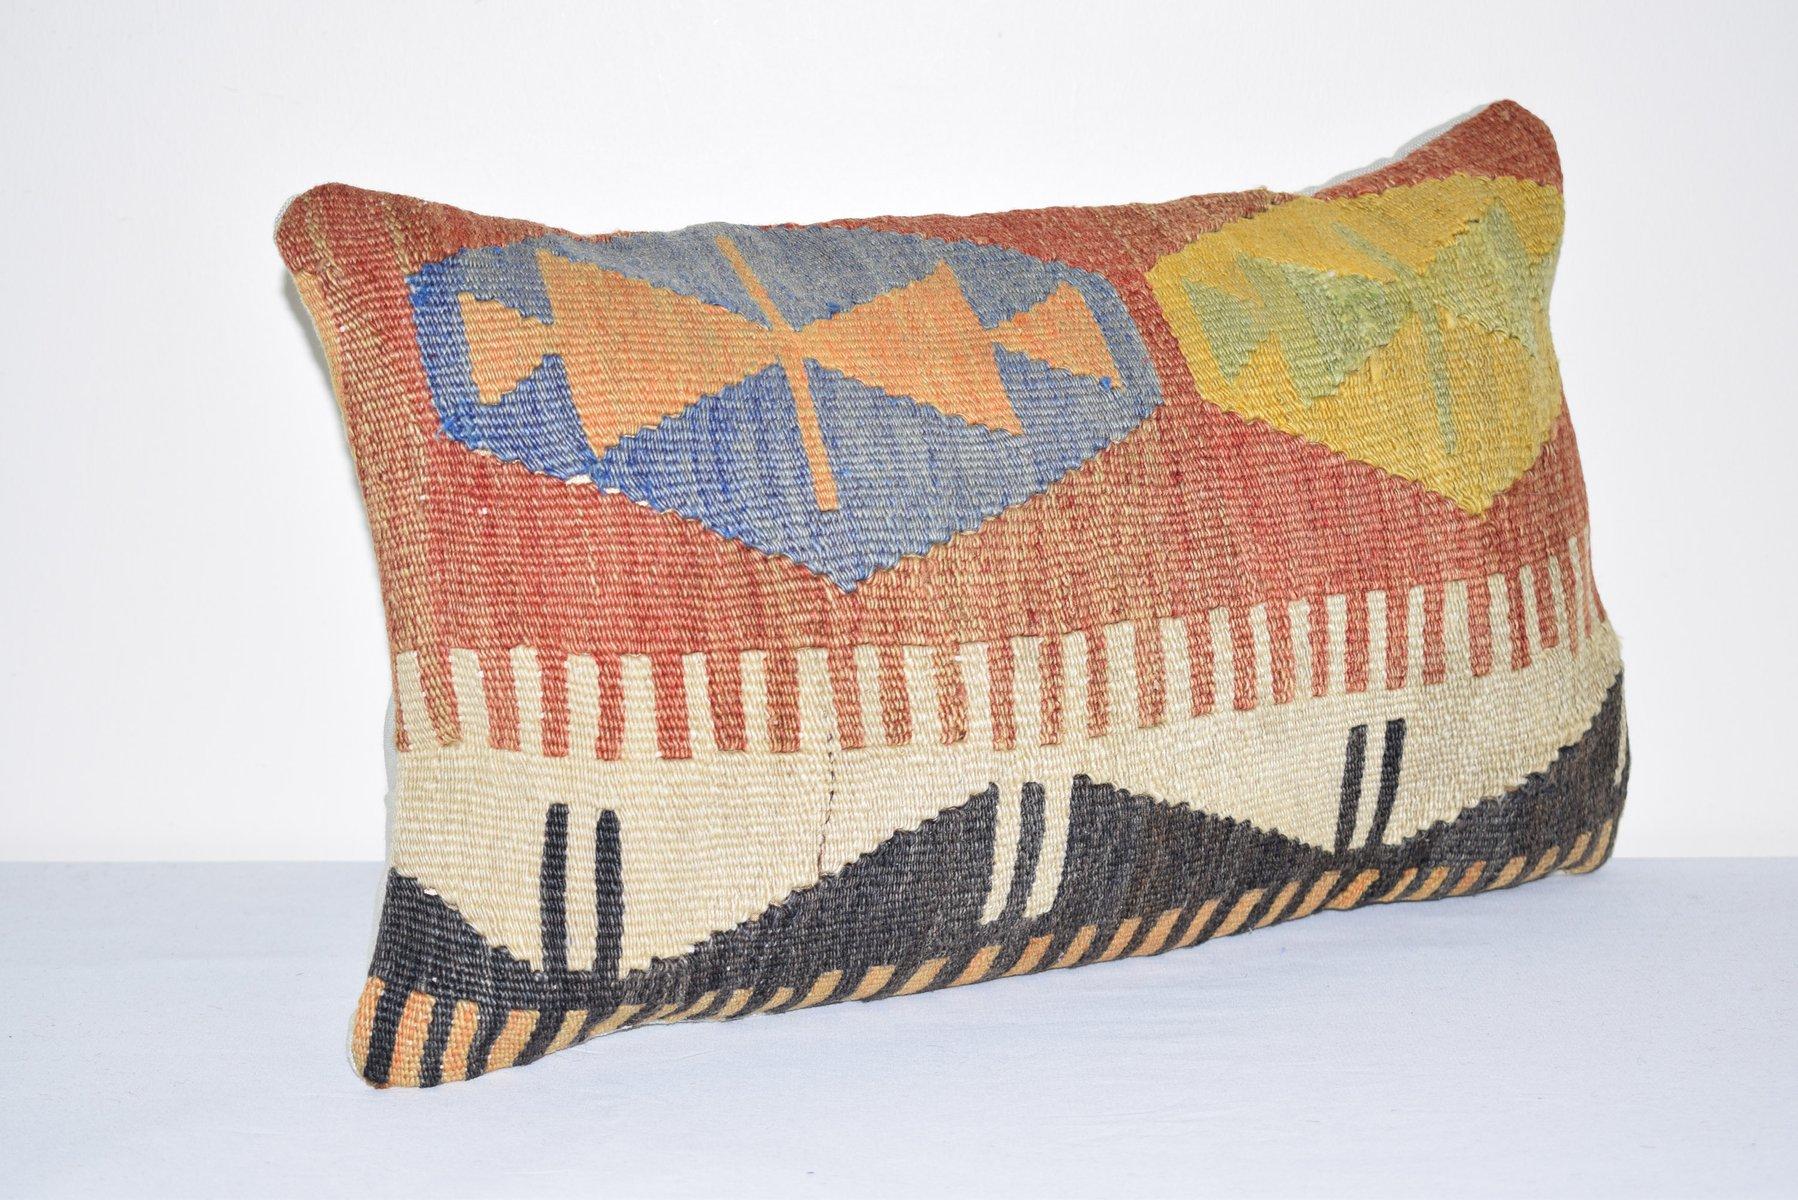 20X20 Decorative Vintage Kilim Pillow Cover